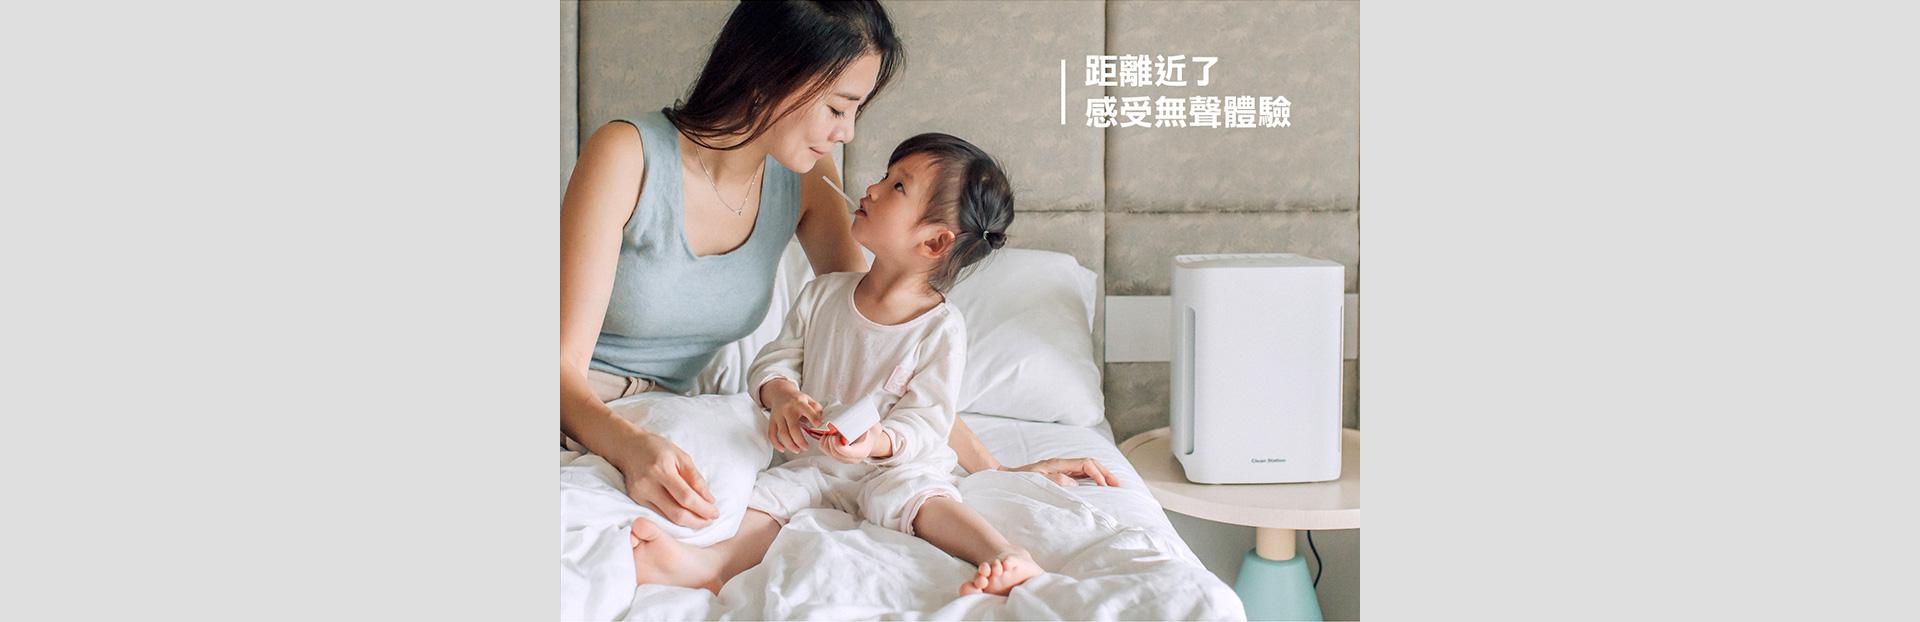 f101_14周年慶-Mobile版_20191104_V4_pc_06